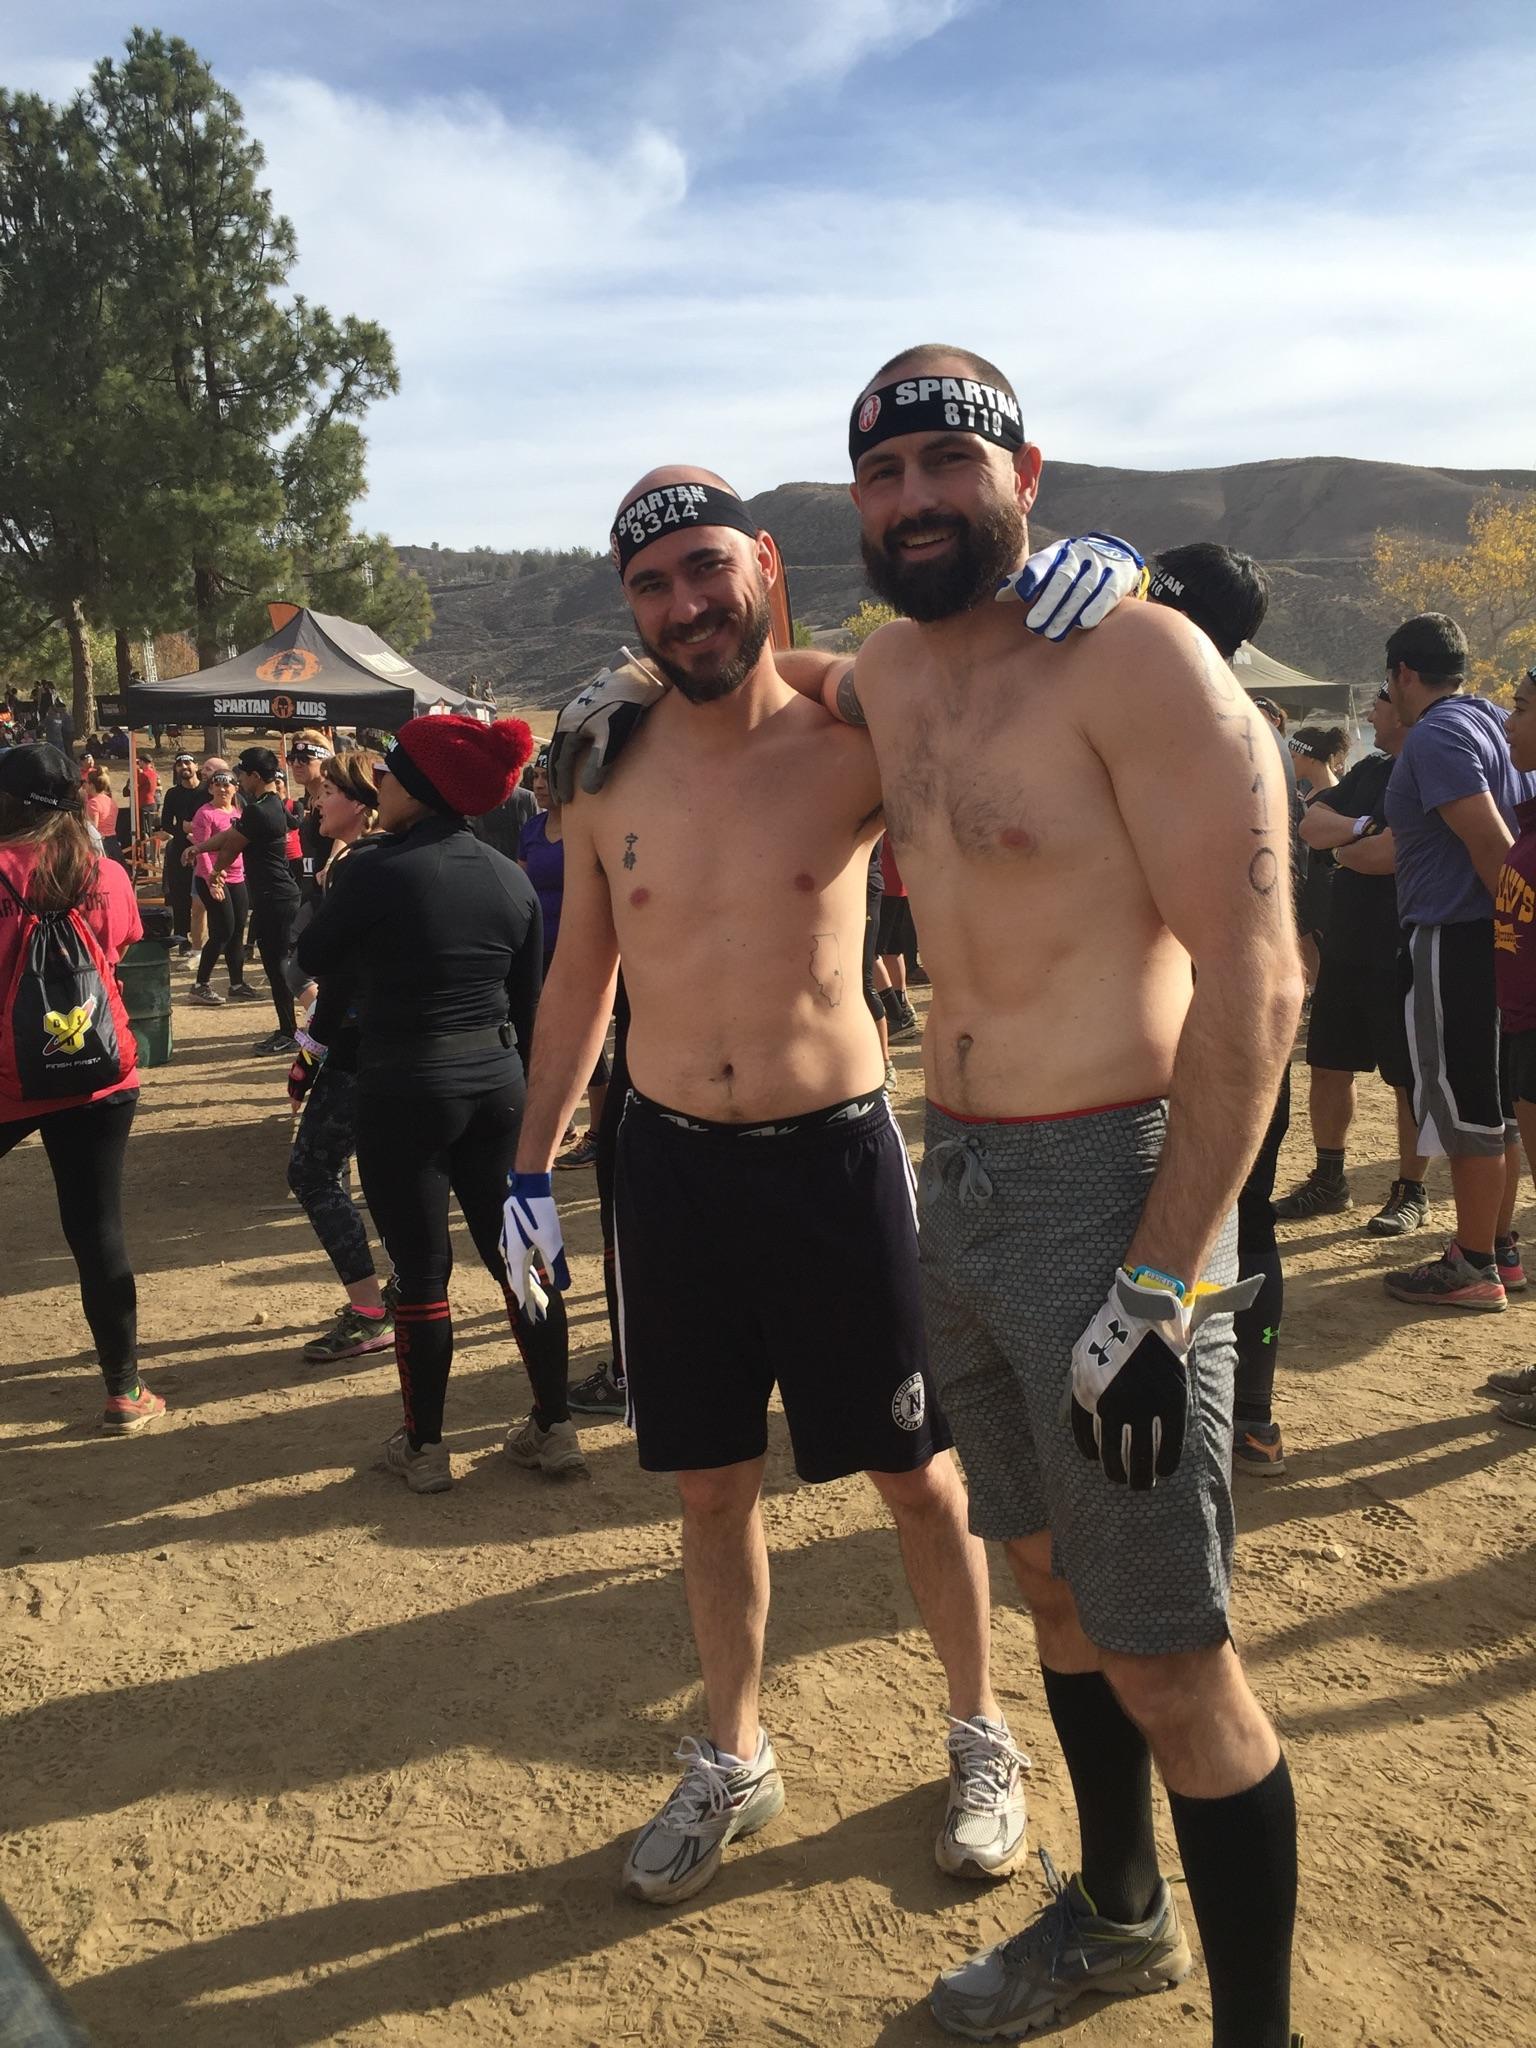 Before we ran the Spartan Sprint